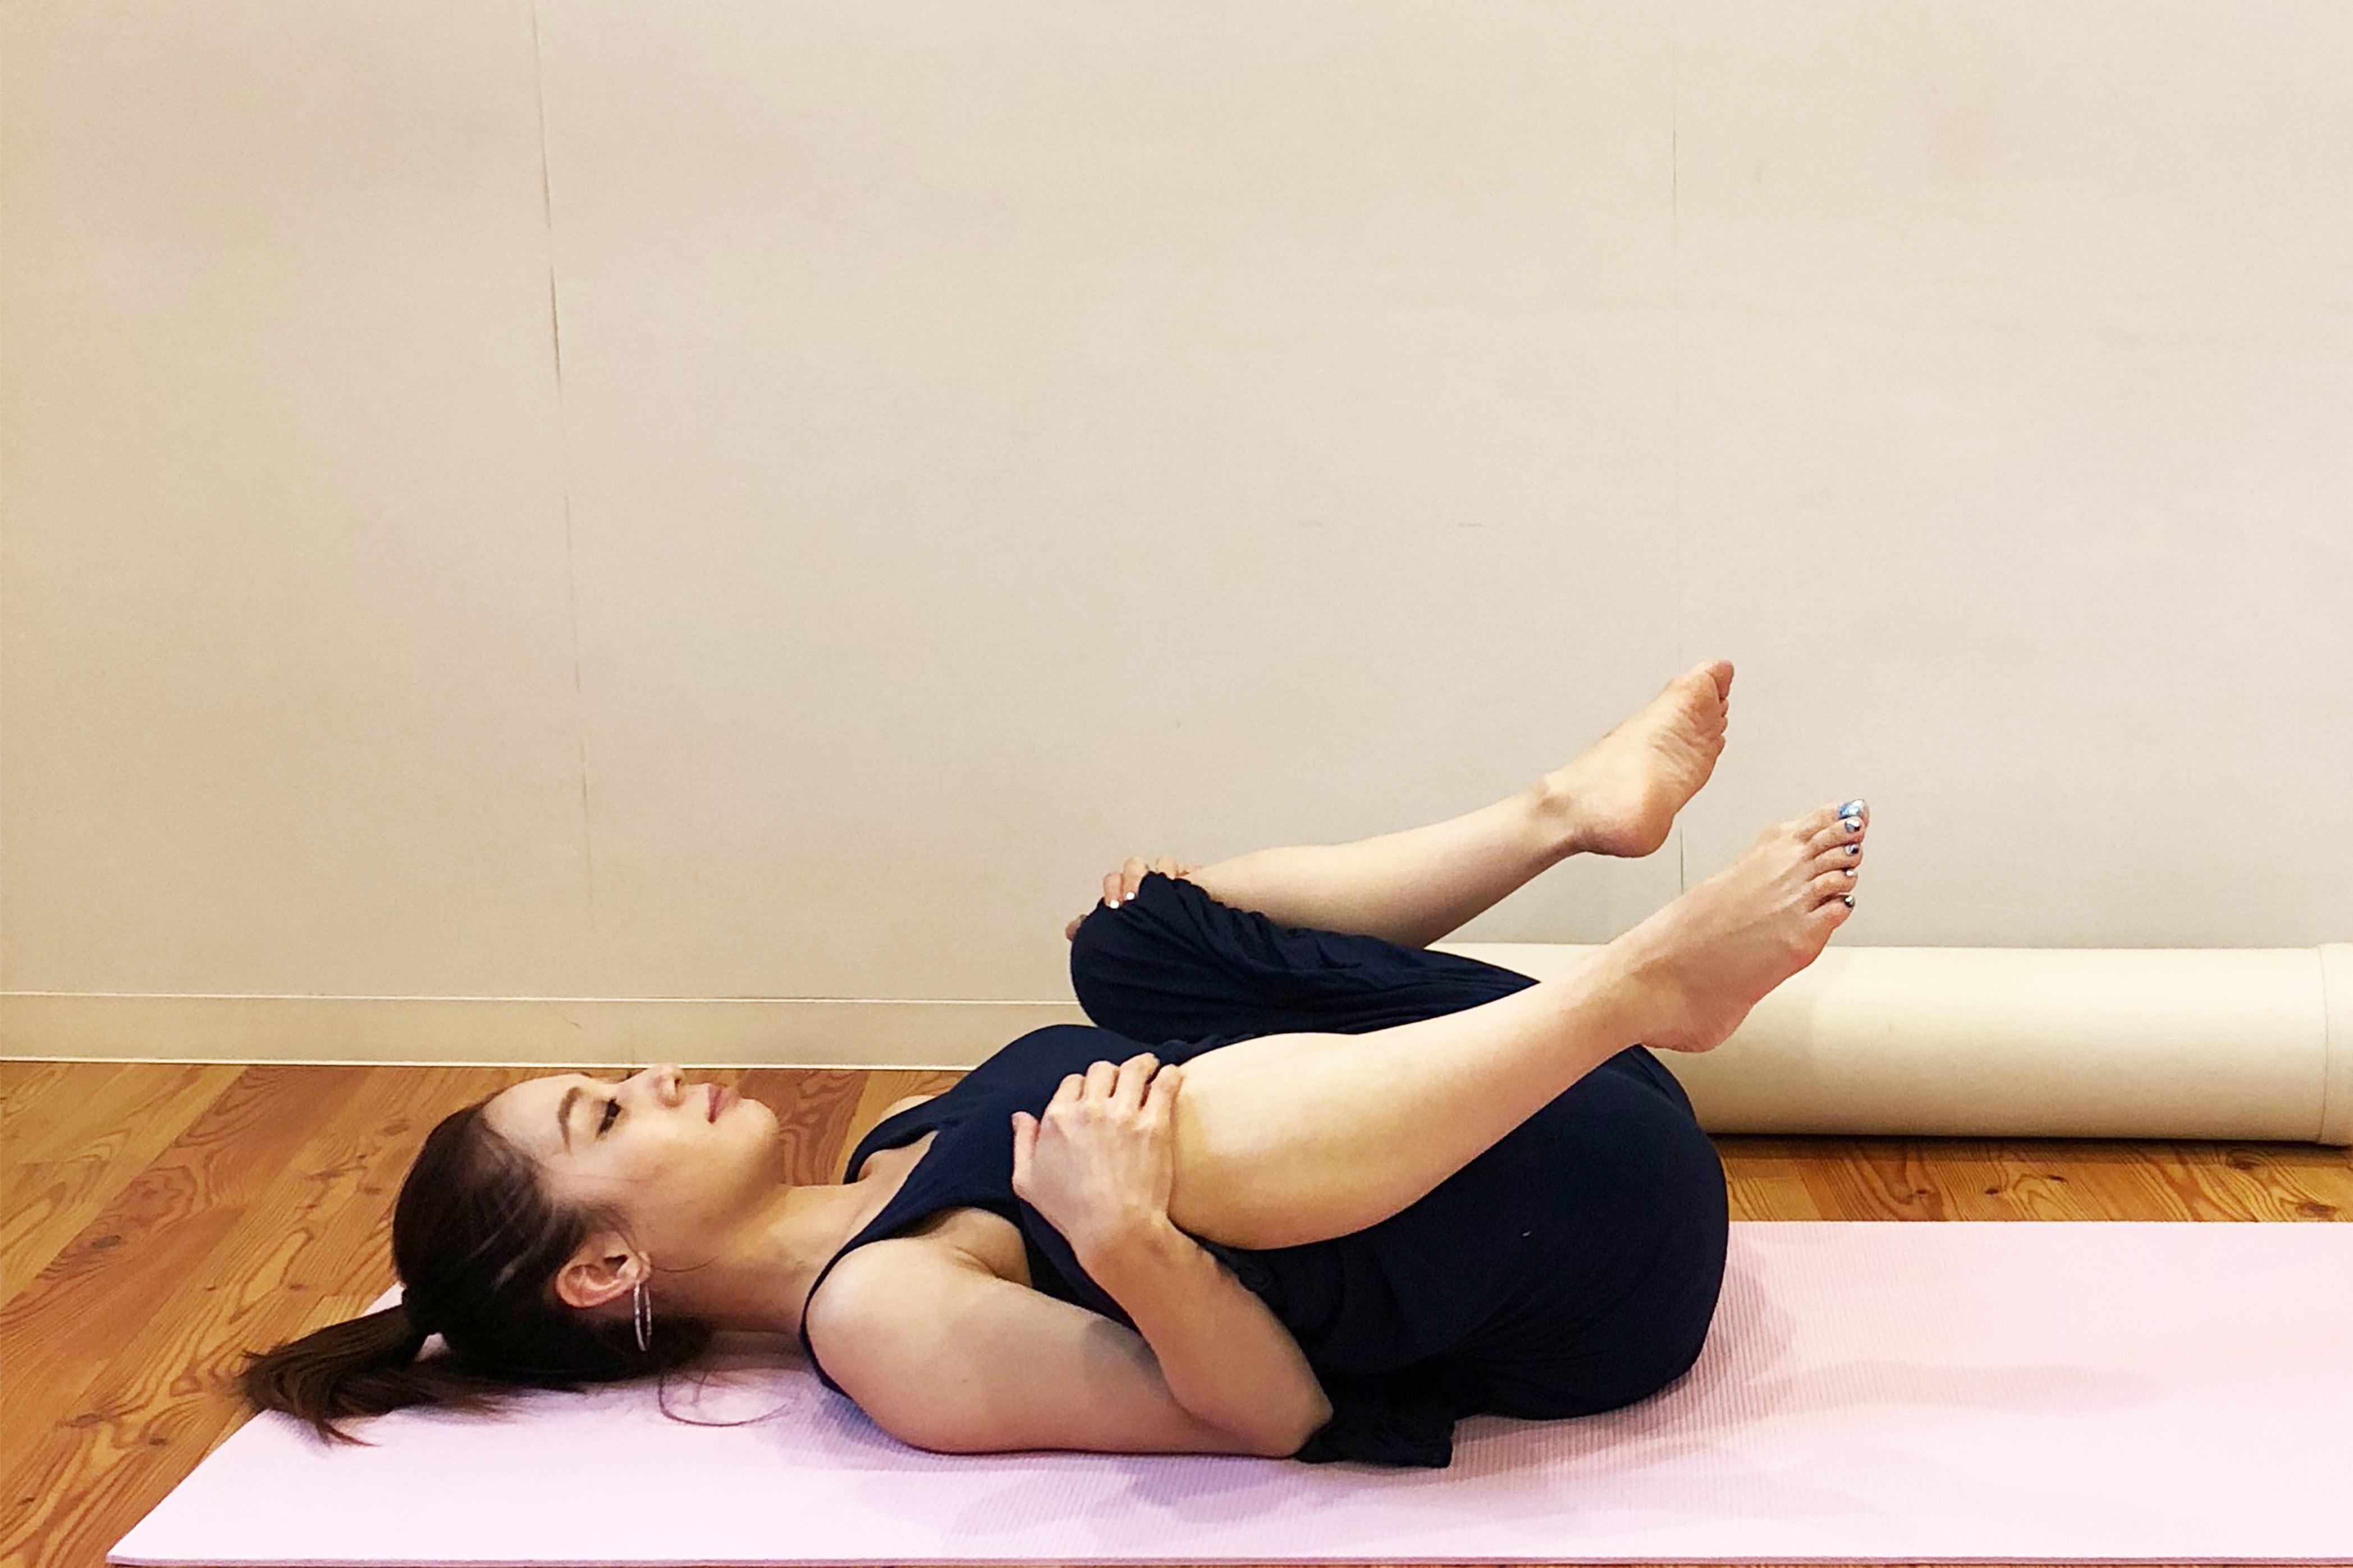 両足を抱えて股関節をほぐす女性